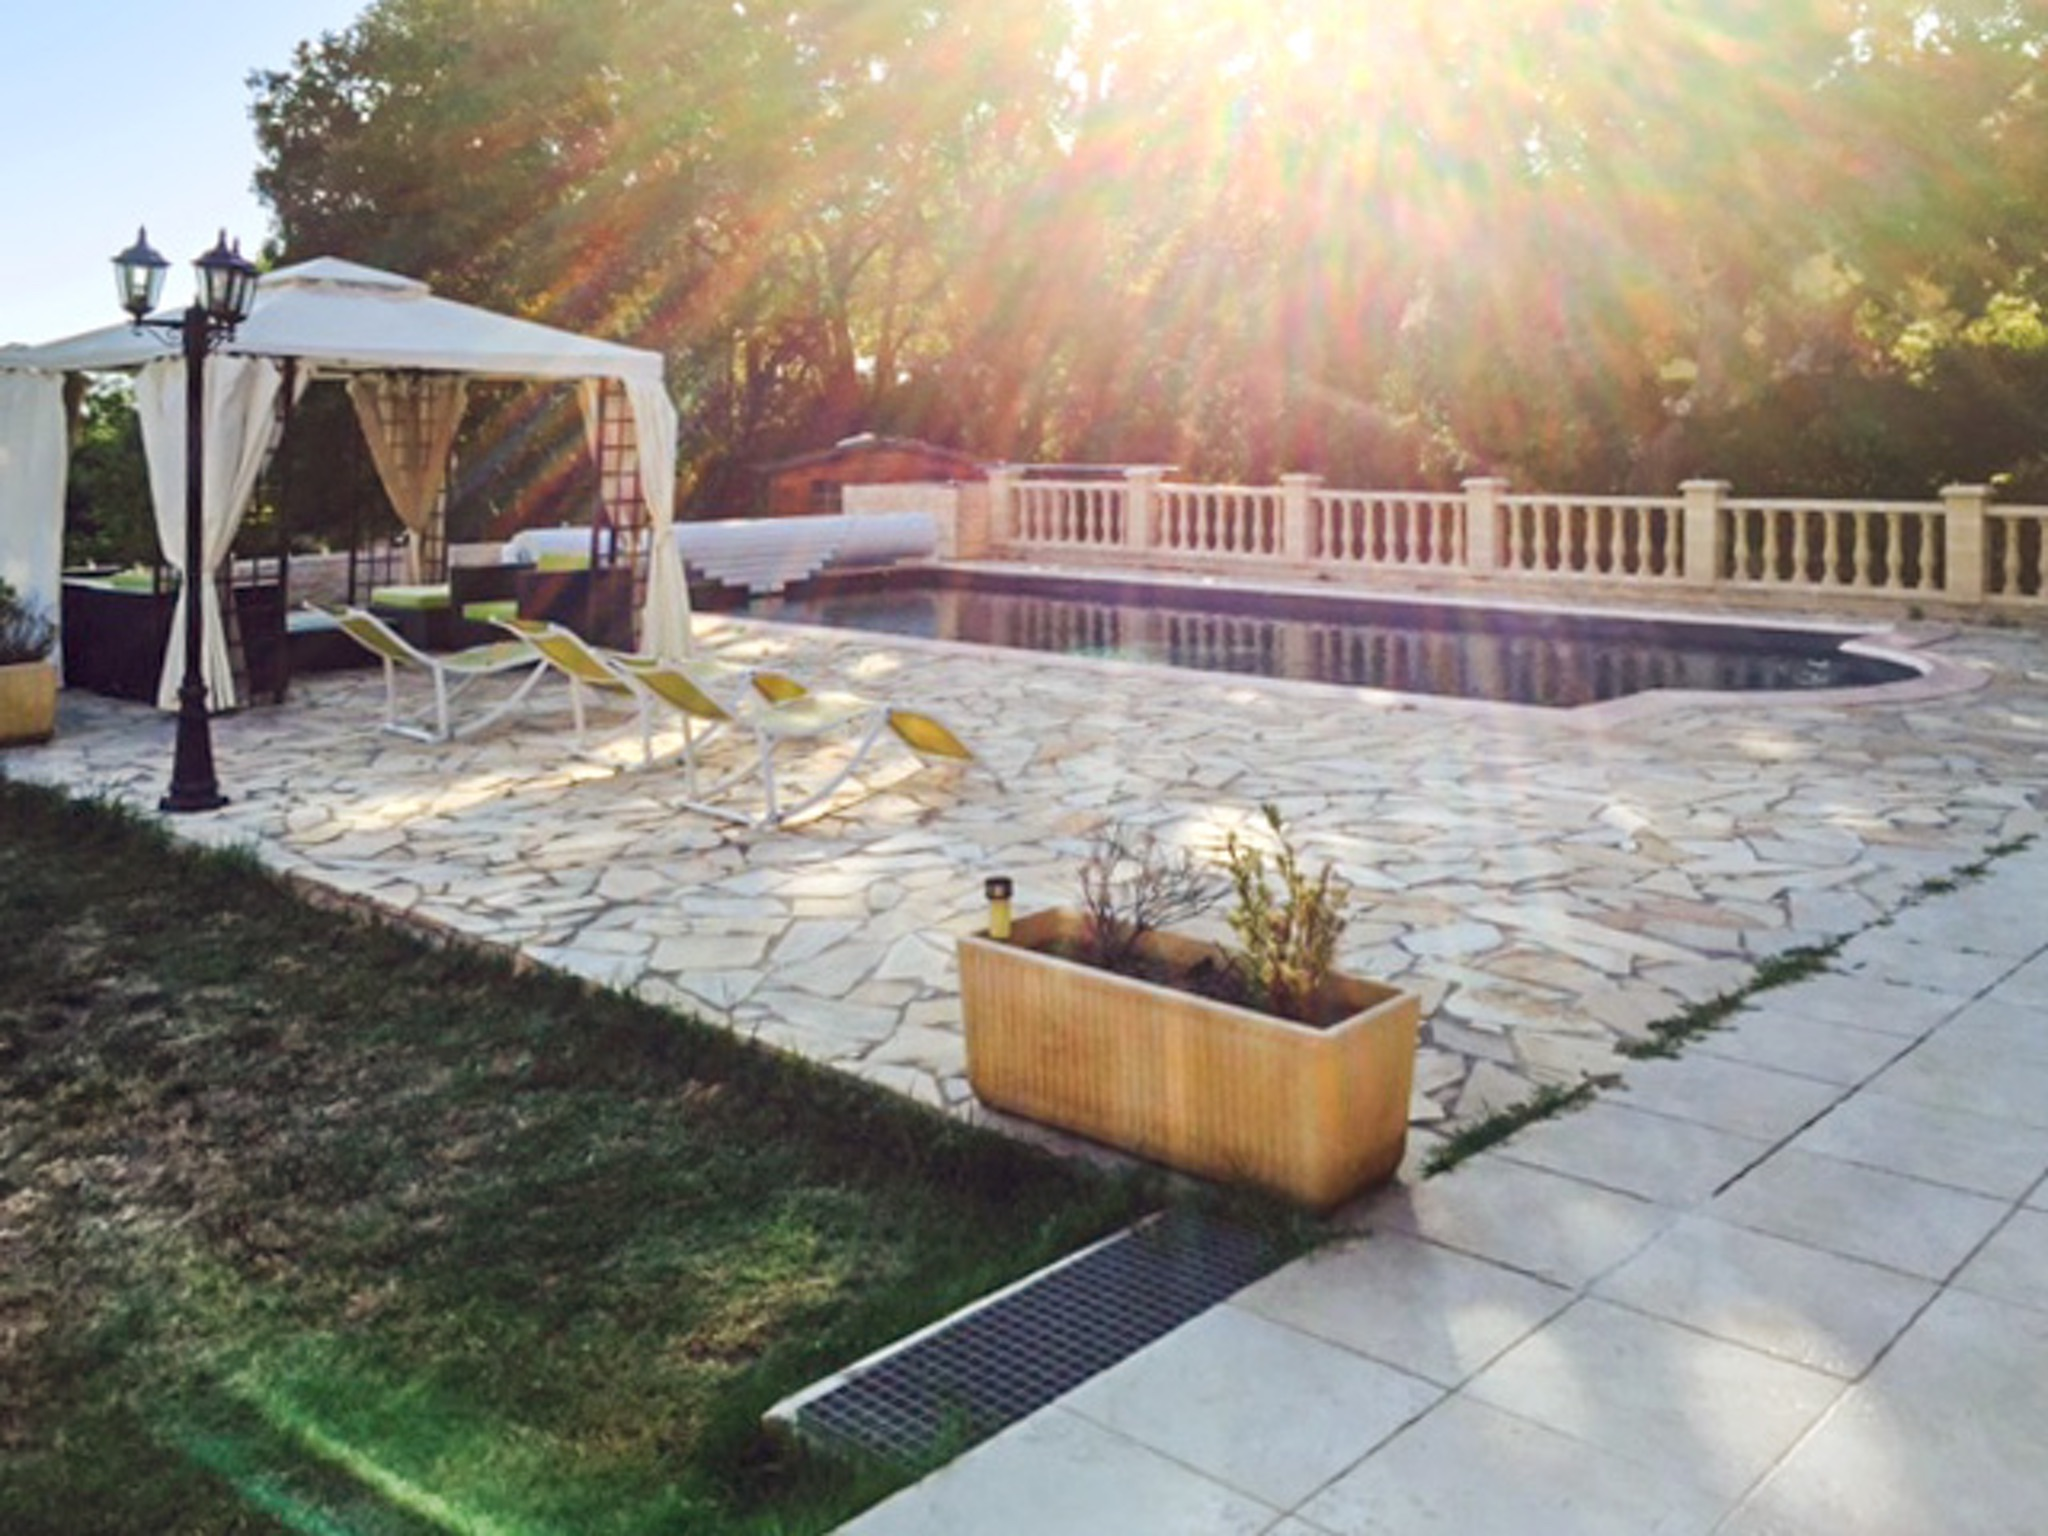 Ferienhaus Haus mit drei Schlafzimmern, Pool, Garten und Terrasse in der Luberon (2201928), Pertuis, Vaucluse, Provence - Alpen - Côte d'Azur, Frankreich, Bild 29